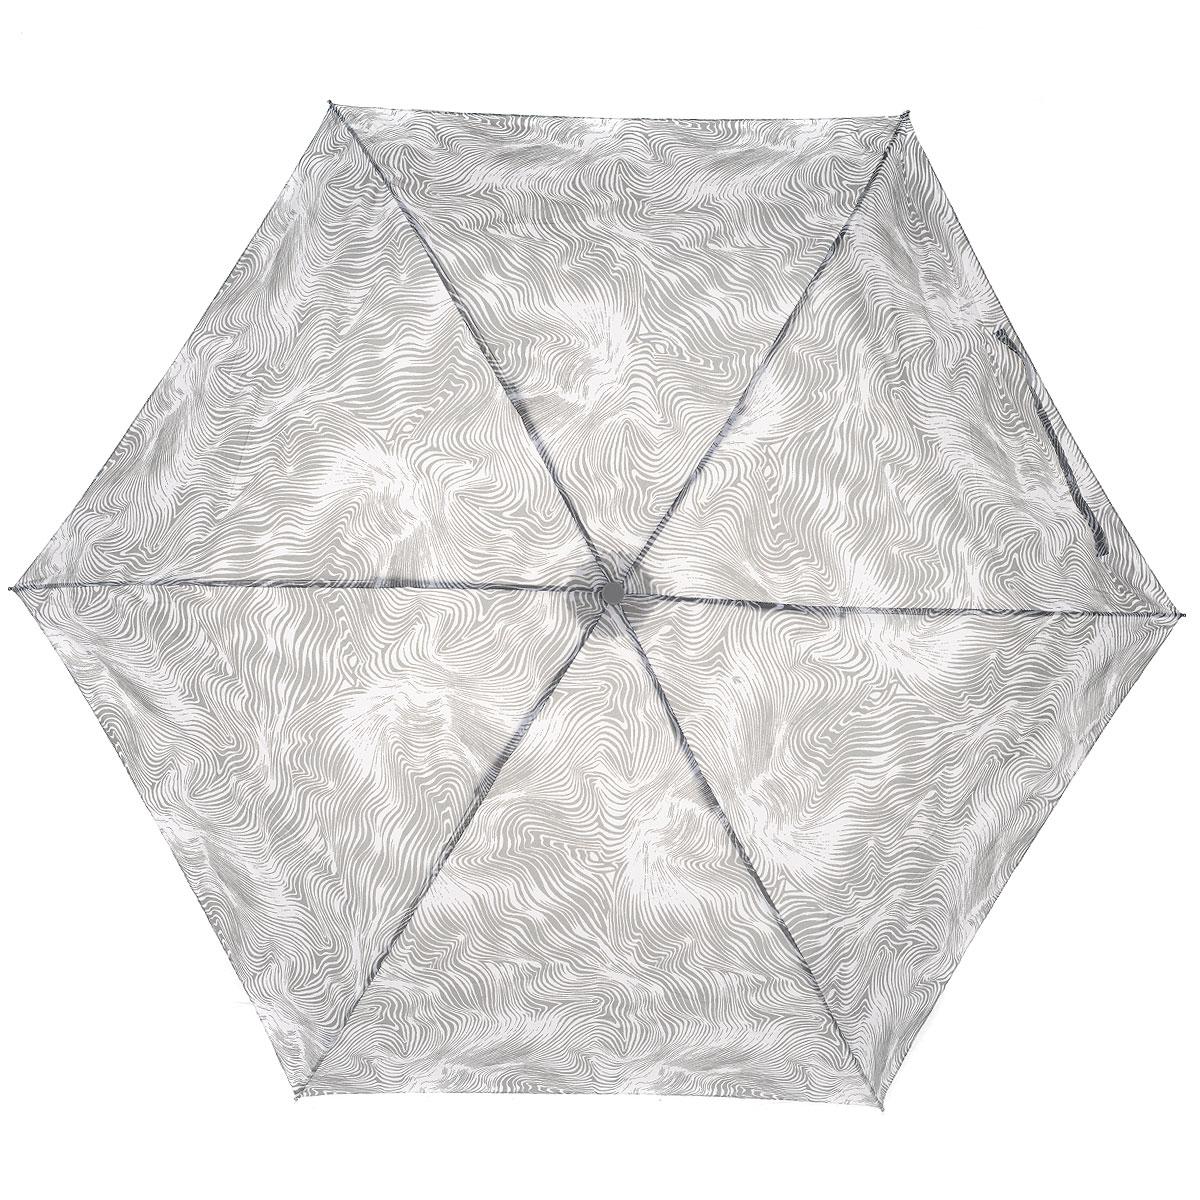 """Зонт женский Fulton Flow, механический, 3 сложения, цвет: серый45100033/18076/3500NСтильный зонт Fulton """"Flow"""" защитит от непогоды, а его компактный размер позволит вам всегда носить его с собой. """"Ветростойкий"""" алюминиевый каркас в 3 сложения состоит из шести спиц с элементами из фибергласса, зонт оснащен удобной рукояткой из пластика, изготовленной в форме шара. Купол зонта выполнен из прочного полиэстера и оформлен принтом в виде волн. На рукоятке для удобства есть небольшой шнурок-резинка, позволяющий надеть зонт на руку тогда, когда это будет необходимо. К зонту прилагается чехол на липучке.Зонт механического сложения: купол открывается и закрывается вручную, стержень также складывается вручную до характерного щелчка.Компактныйзонт диаметром 3 см в закрытом виде. Ветроустойчивый алюминиевый каркас в 3 сложения, 6 спиц с элементами из фибергласса, материал купола - полиэстер, диаметр купола - 86см. Длина зонта в сложенном виде - 22 см. Вес 138 гр. Характеристики: Материал: алюминий, фибергласс, пластик, полиэстер. Цвет: серый. Диаметр купола: 86 см. Длина зонта в сложенном виде: 22 см.Диаметр зонта (в сложенном виде): 3 см.Длина ручки (стержня) в раскрытом виде:52 см.Вес: 138 г.Артикул: L553 4S2754."""